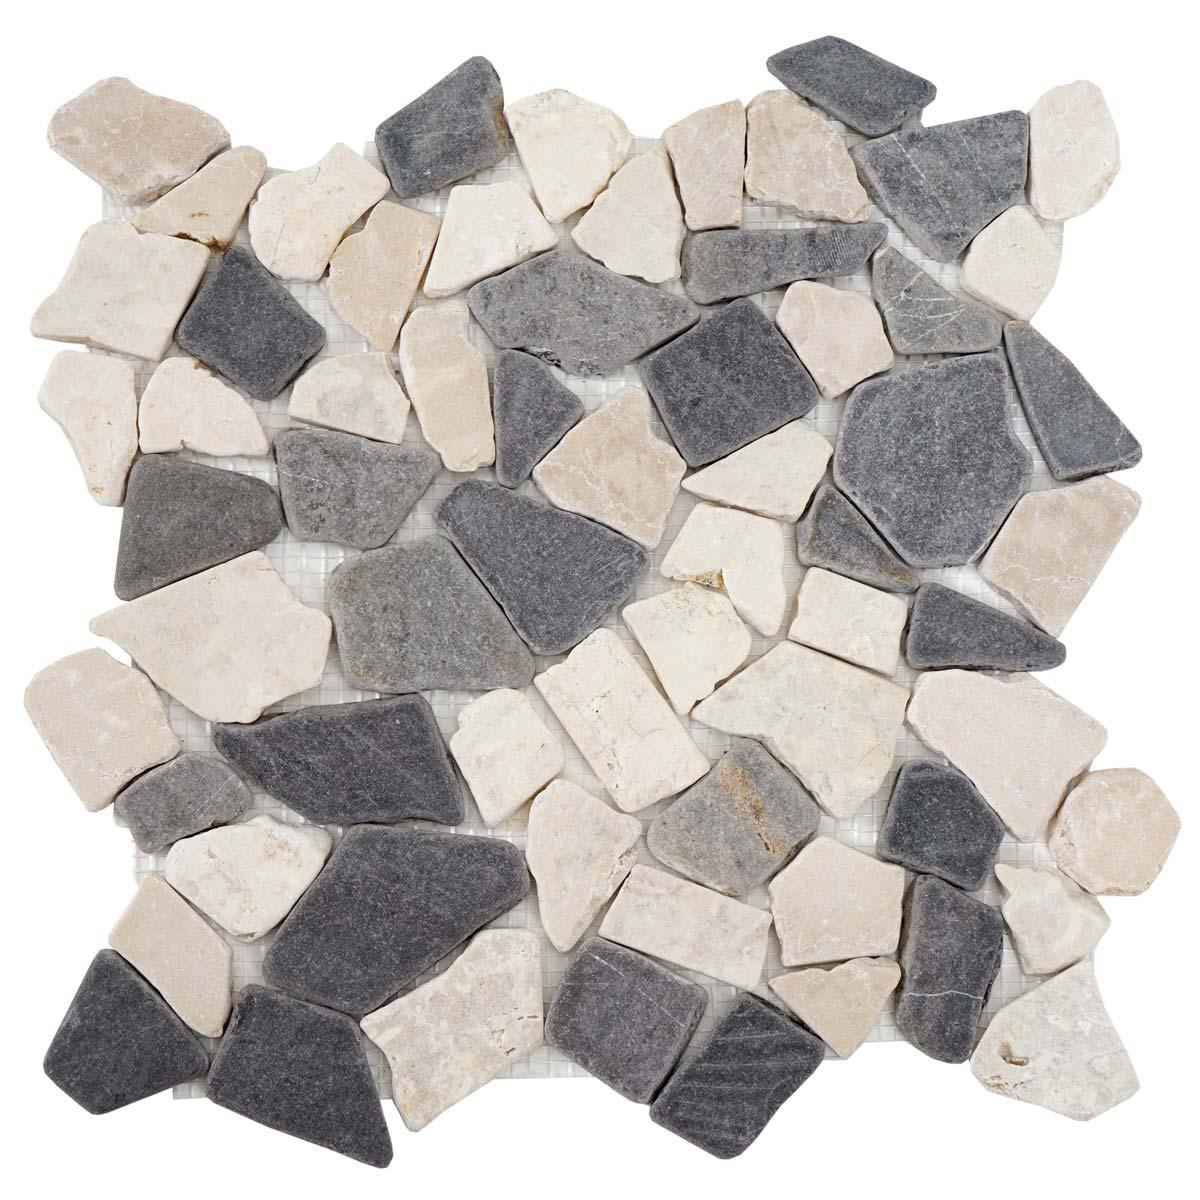 1qm steinfliesen vigo marmor naturstein fliese wand boden. Black Bedroom Furniture Sets. Home Design Ideas